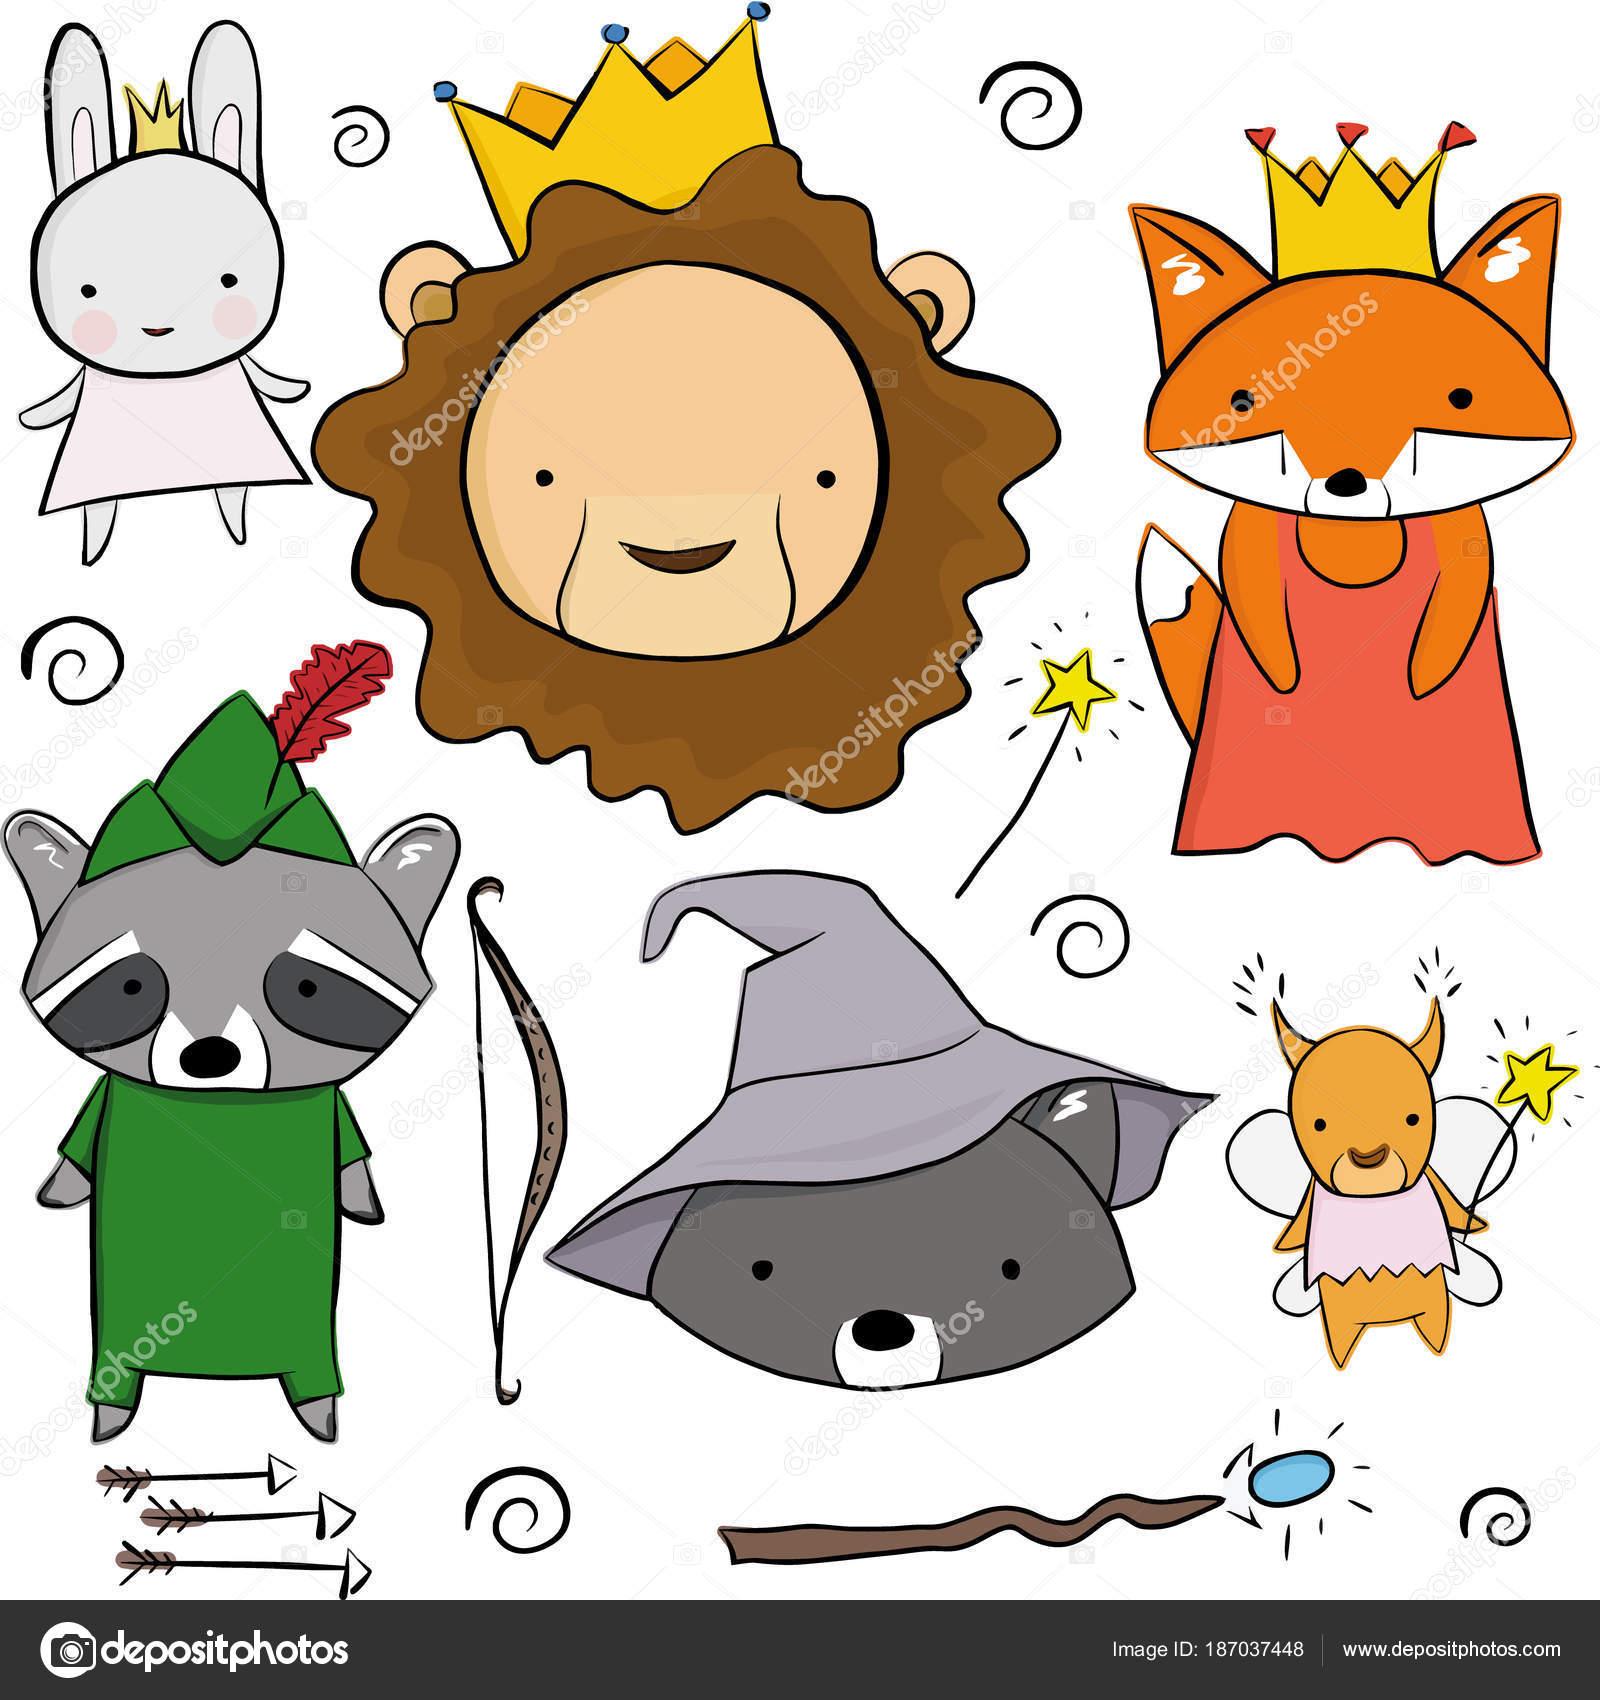 Dibujos Coloridos De Animales Animales Coloridos Dibujos Animados